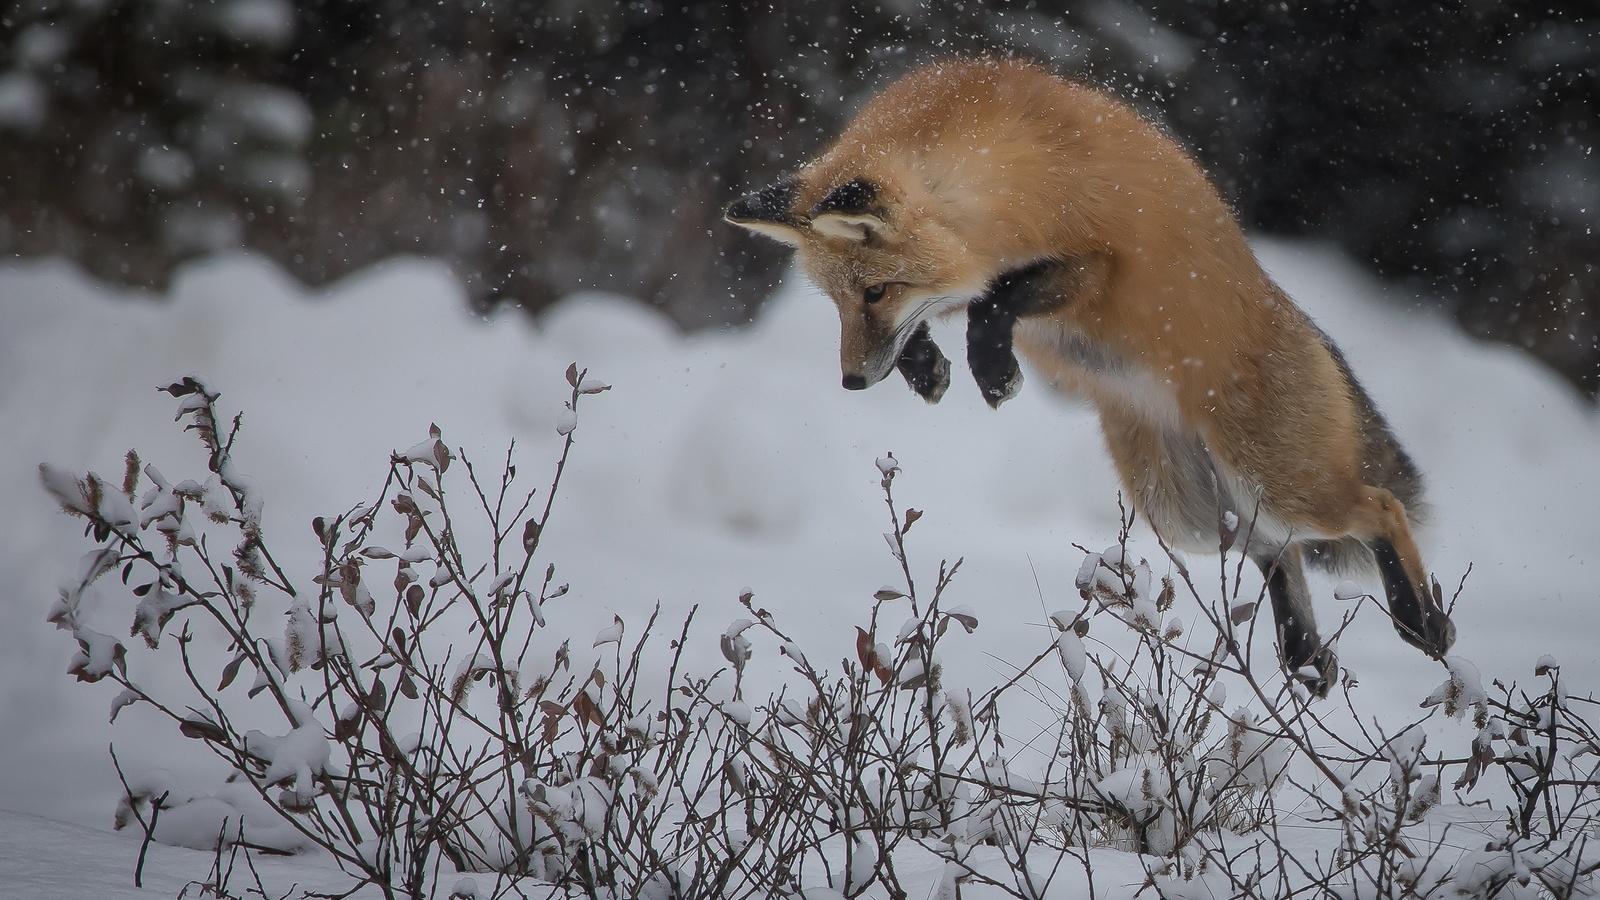 лиса, зима, снег, прыжок, животные